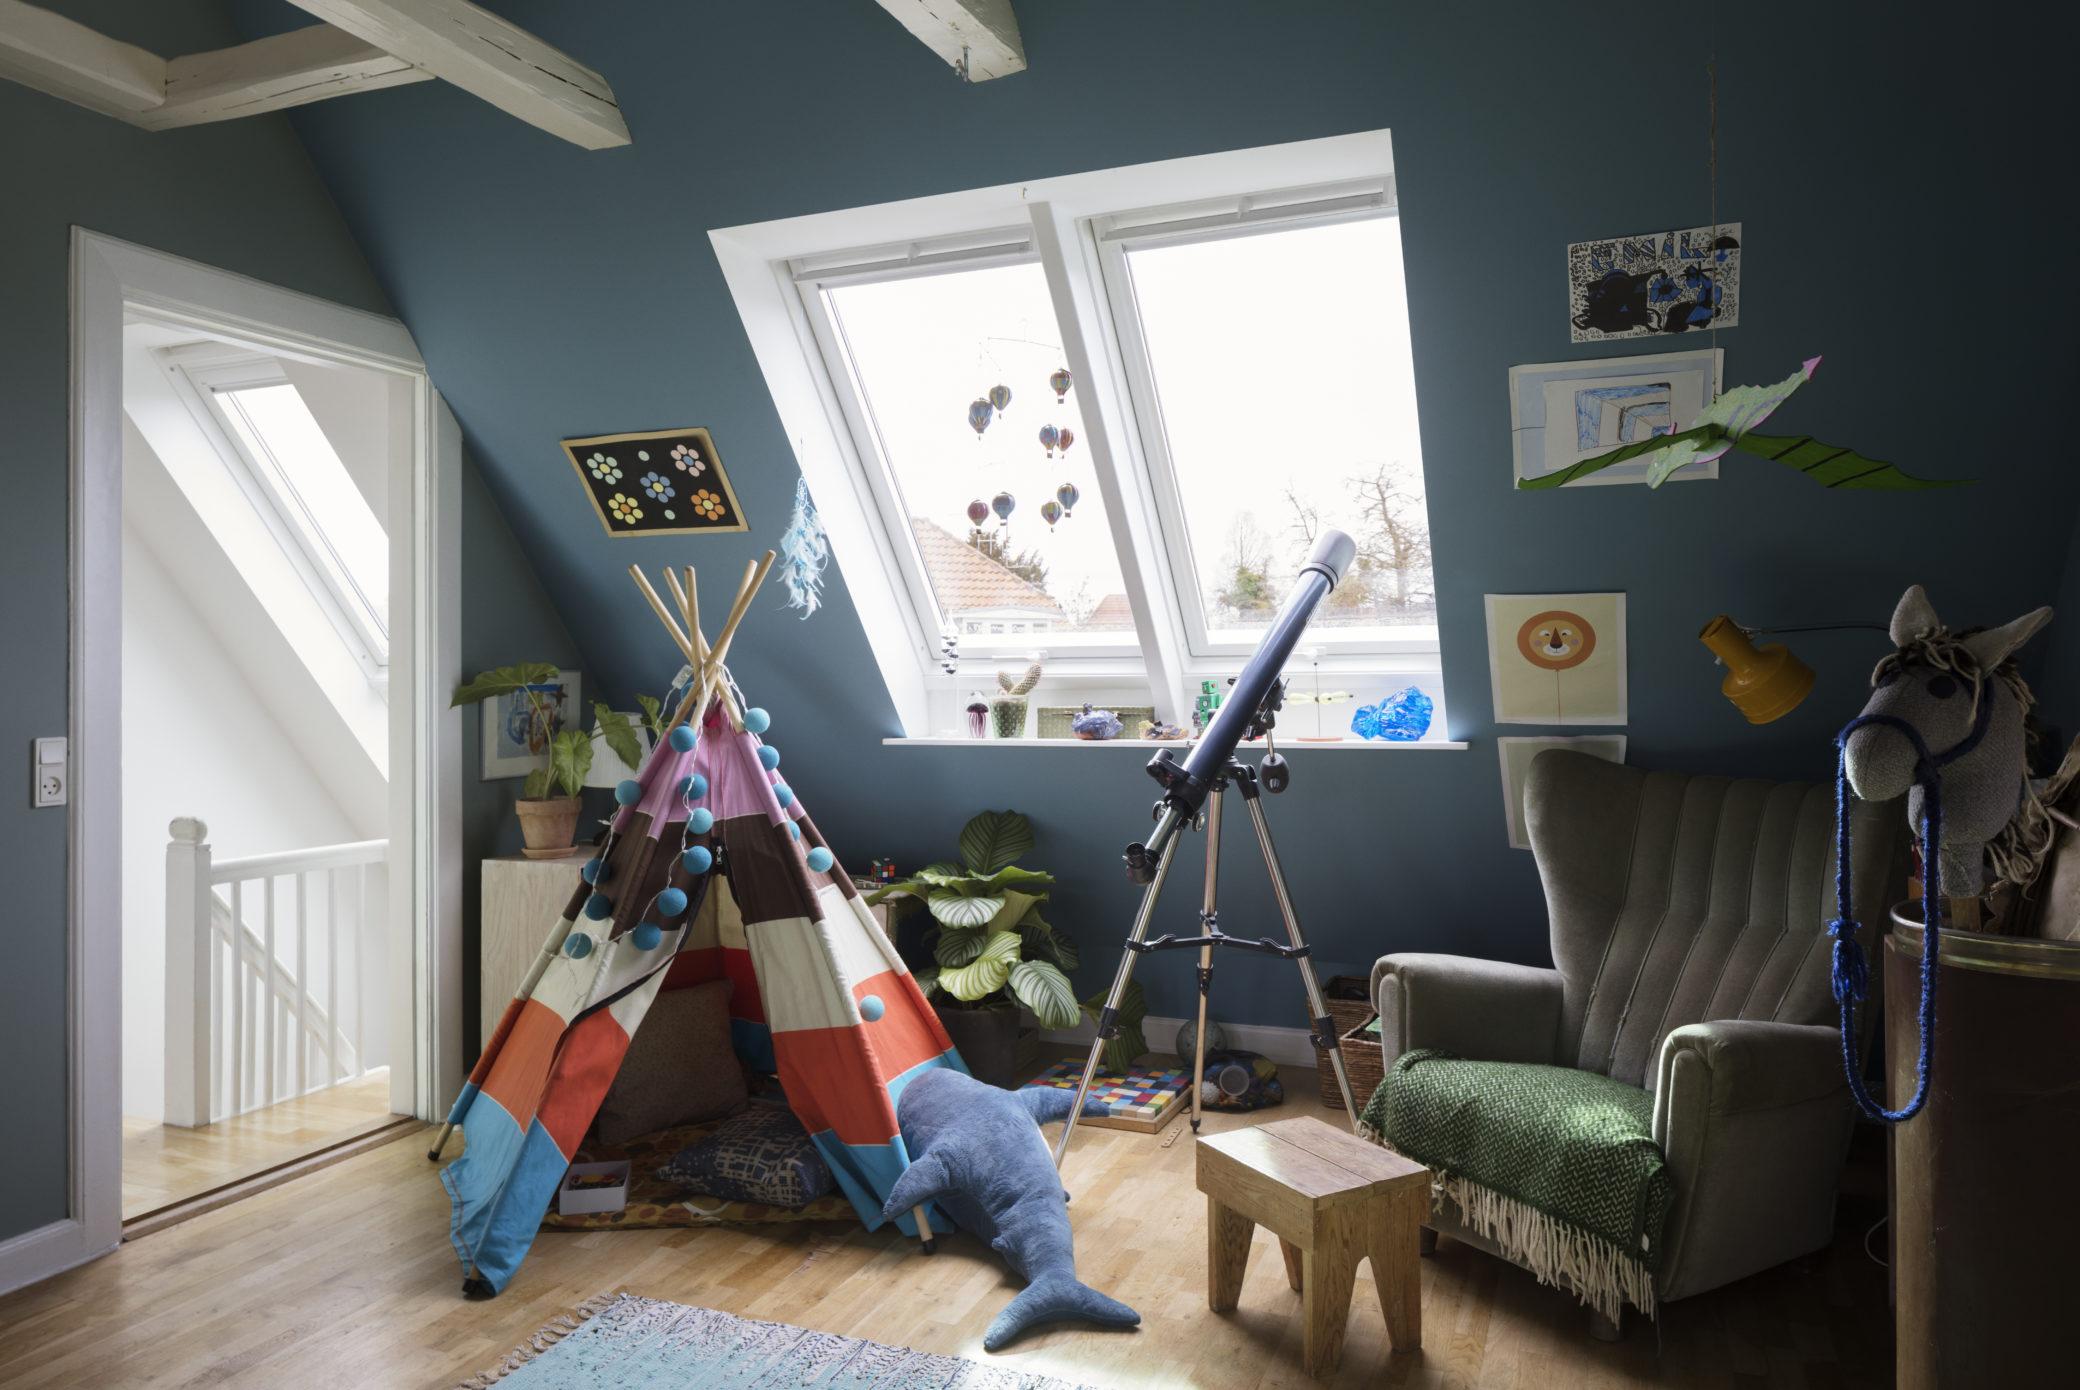 Faire Une Belle Chambre les plus belles chambres d'enfant sous les combles - rêve de